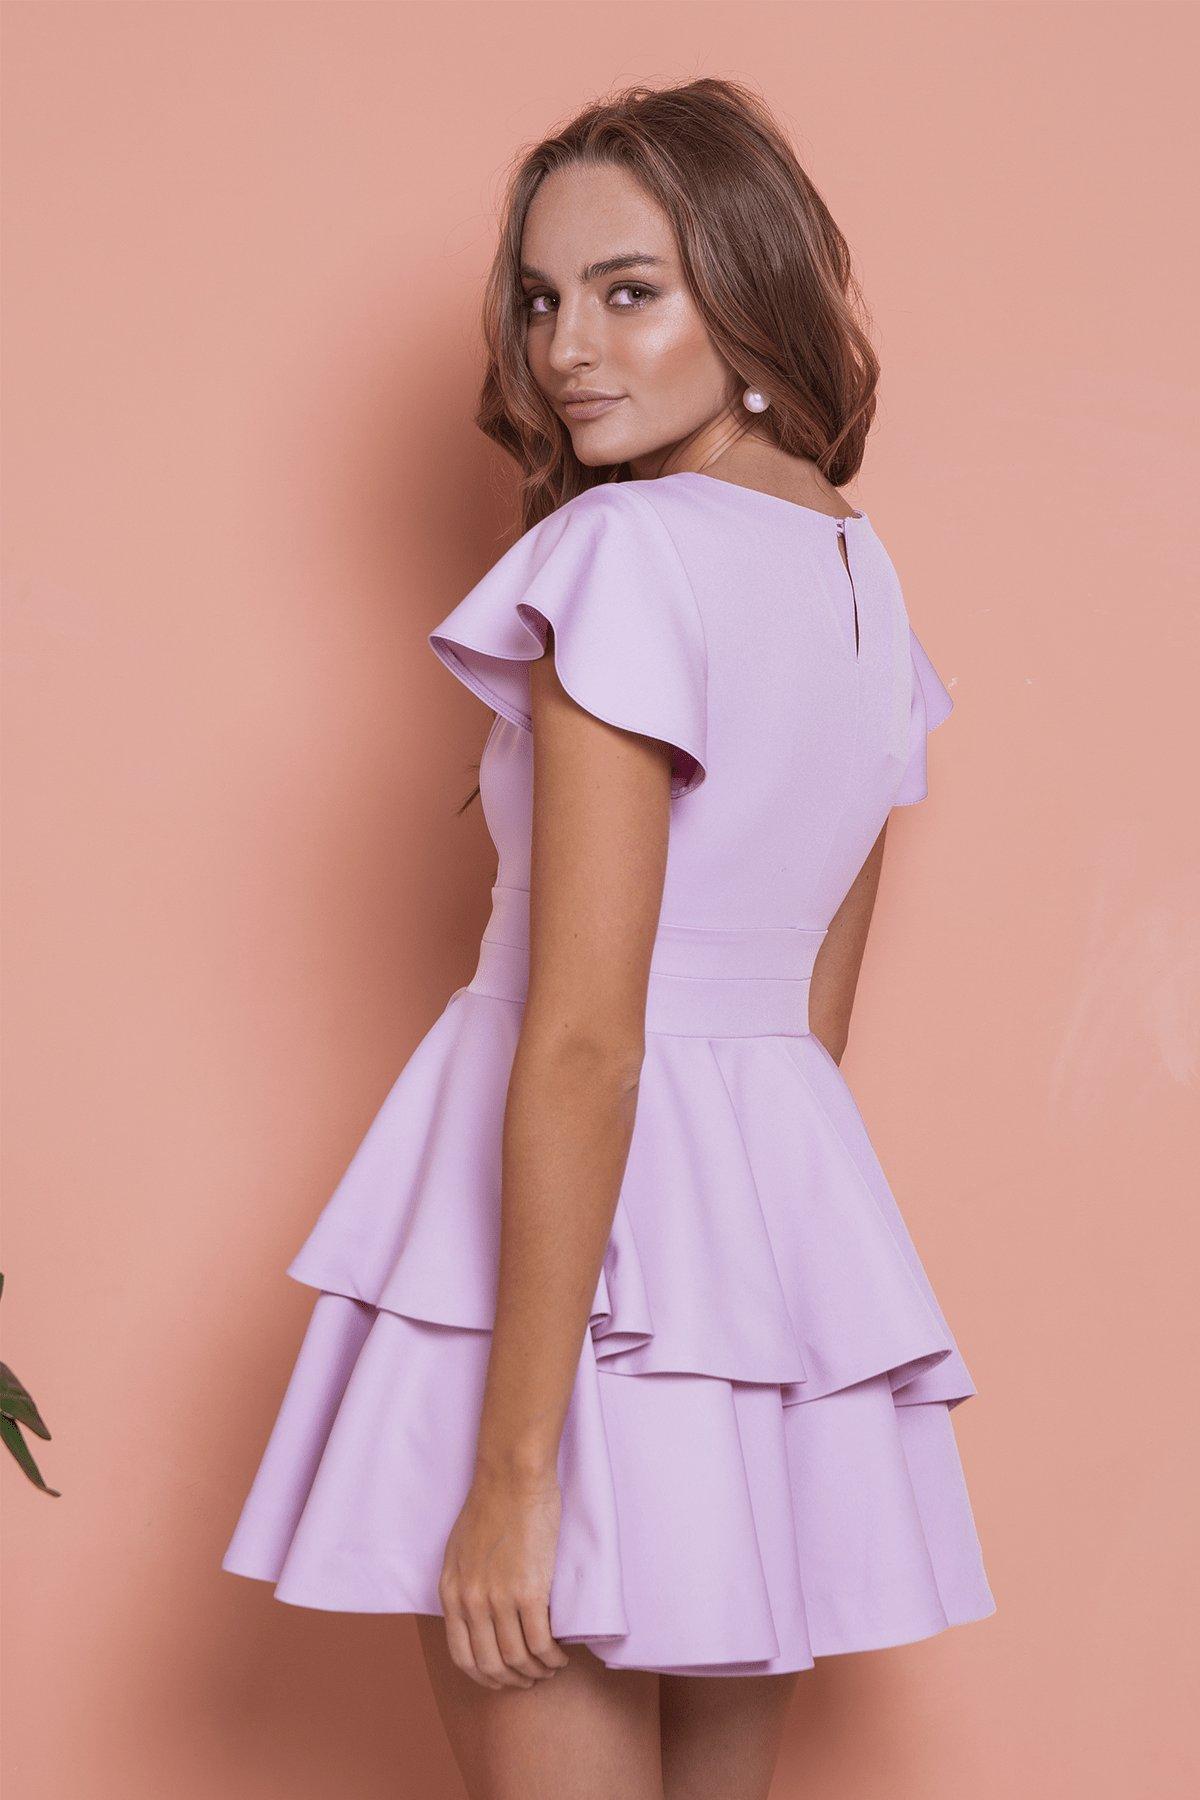 Платье Симур 6888 АРТ. 41987 Цвет: Пудра 3 - фото 5, интернет магазин tm-modus.ru